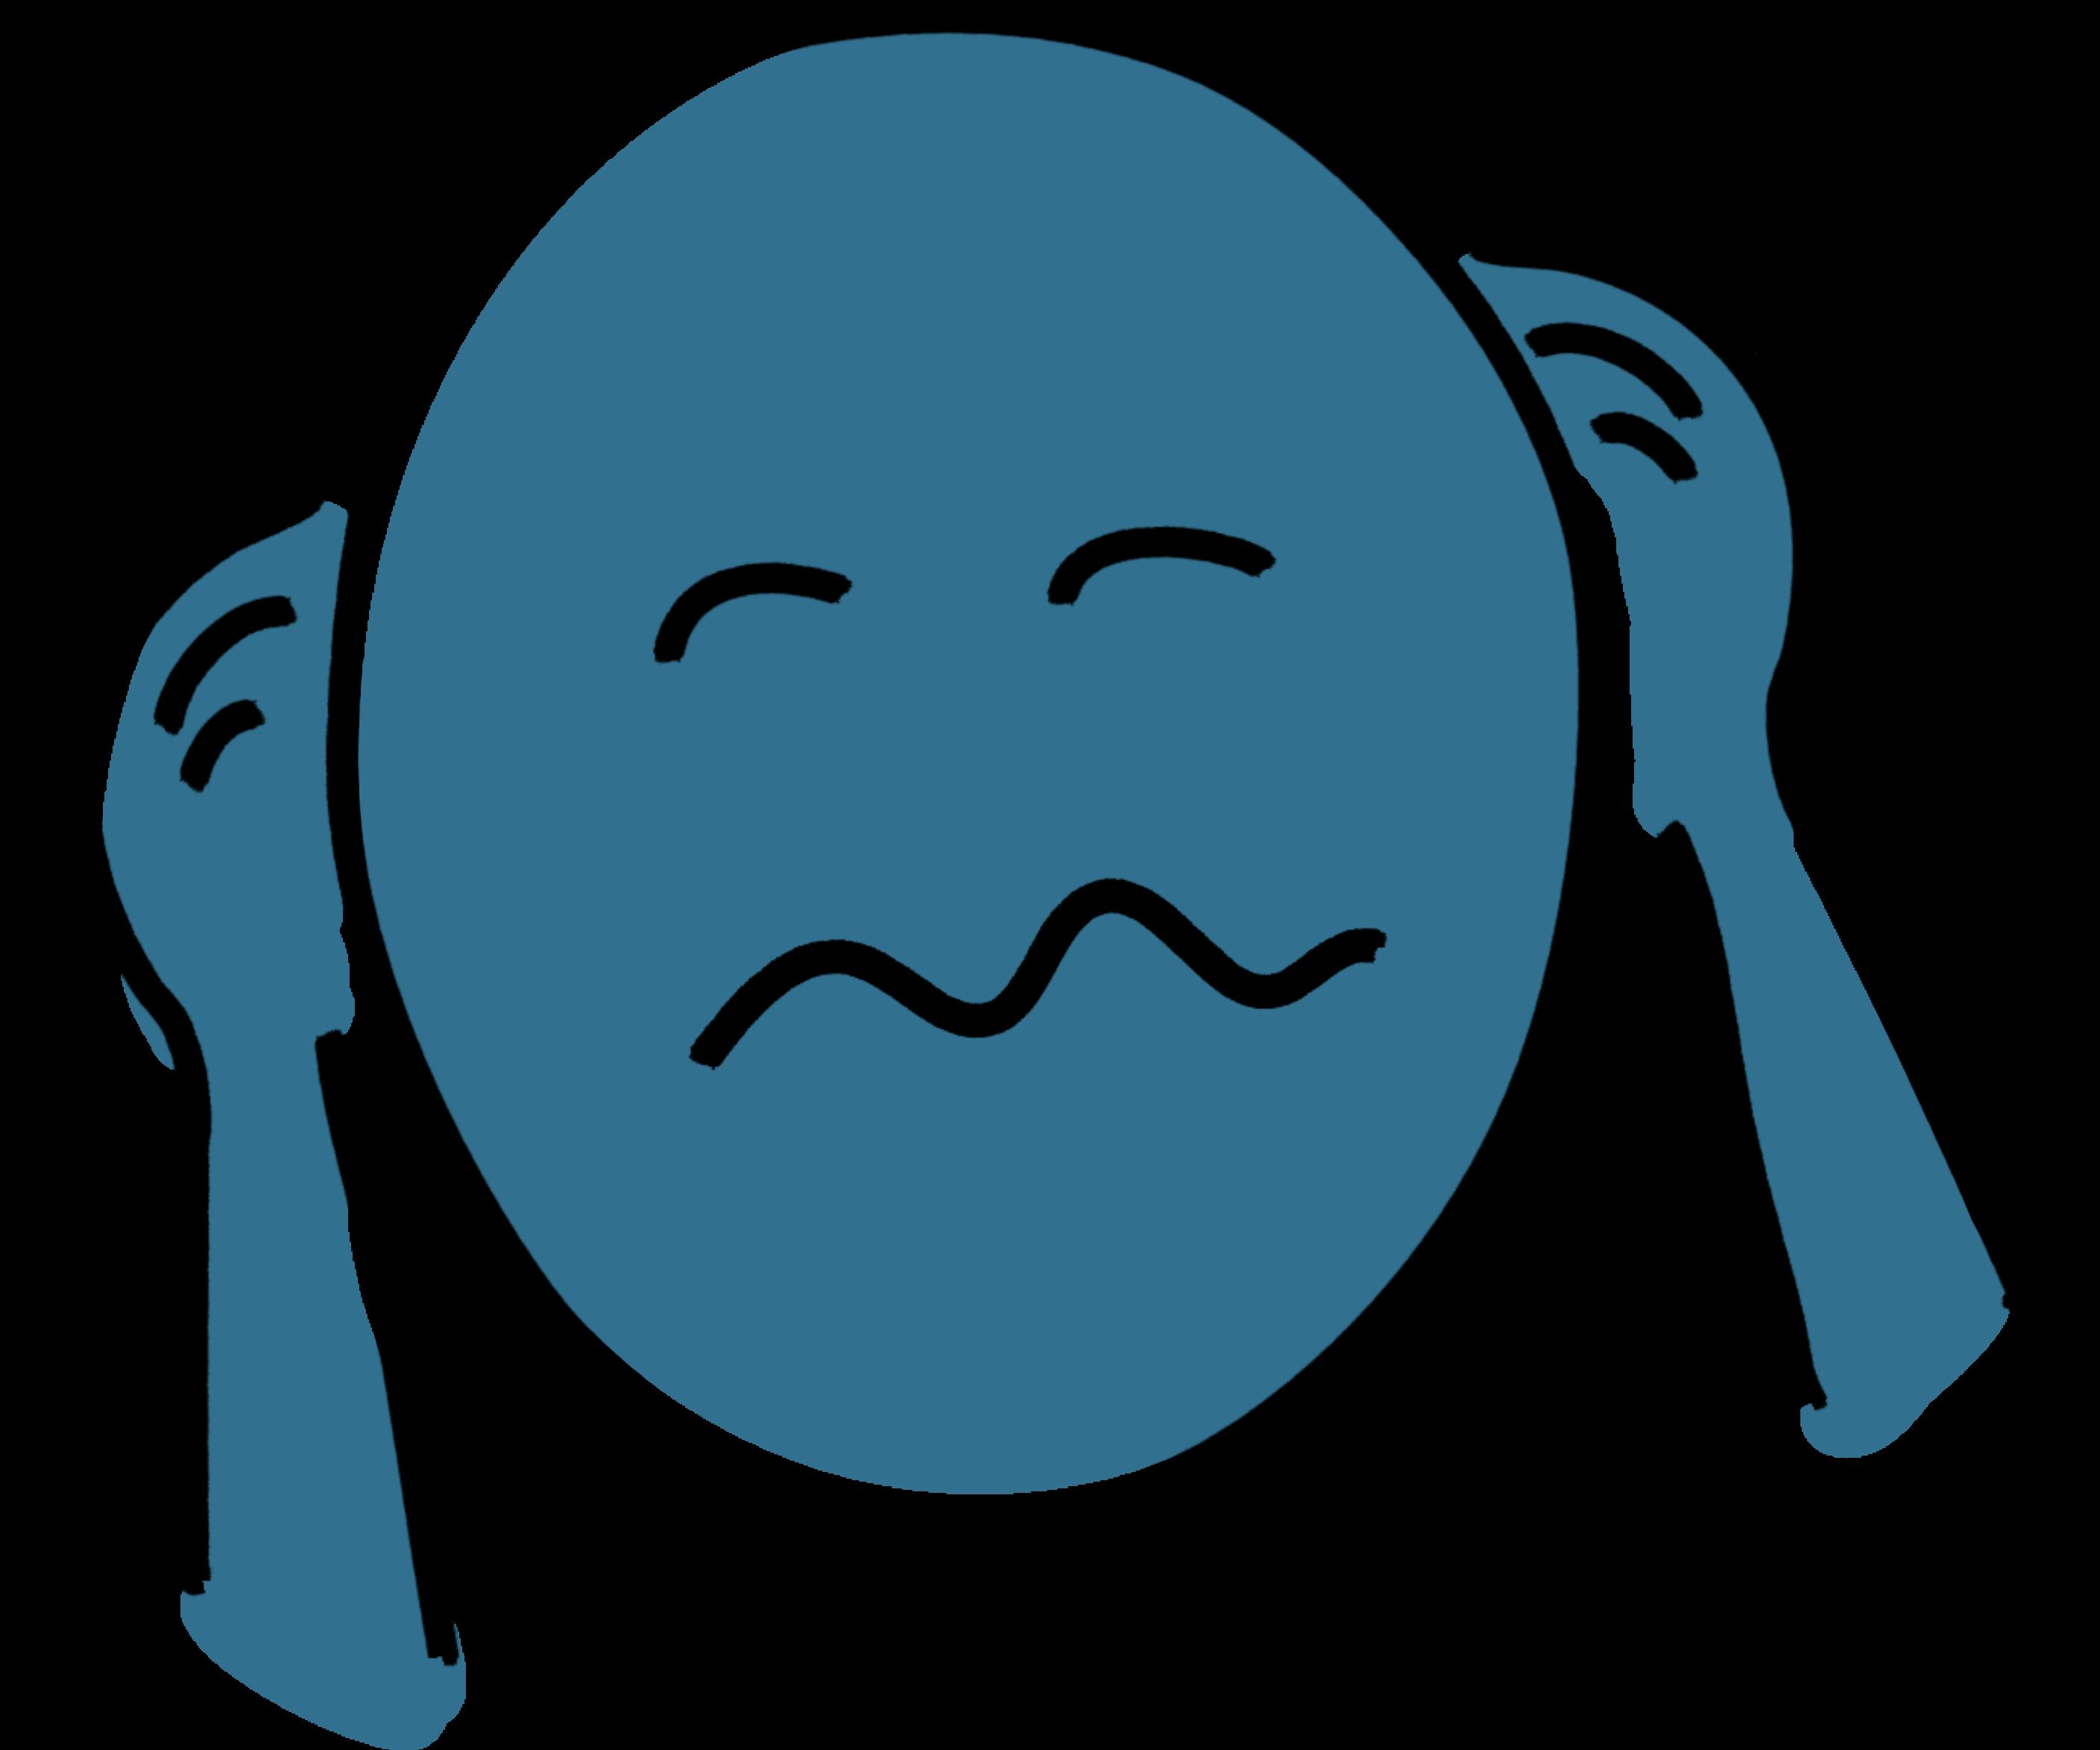 """Tekening van een gestresseerd hoofd als symbool voor """"omgaan met stress"""""""